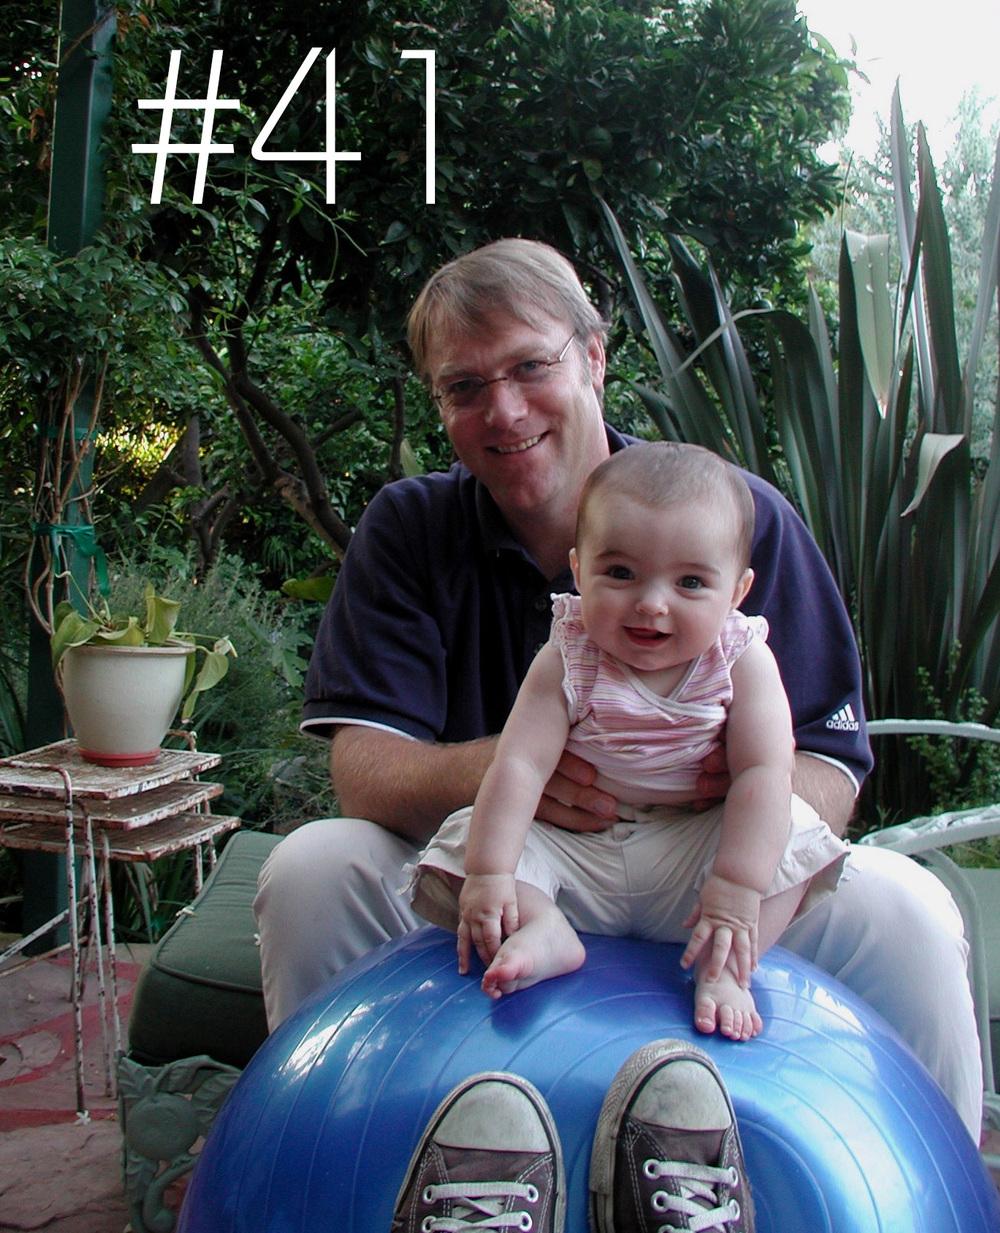 Los Angeles, CA. Jimbo & Drew. 2004